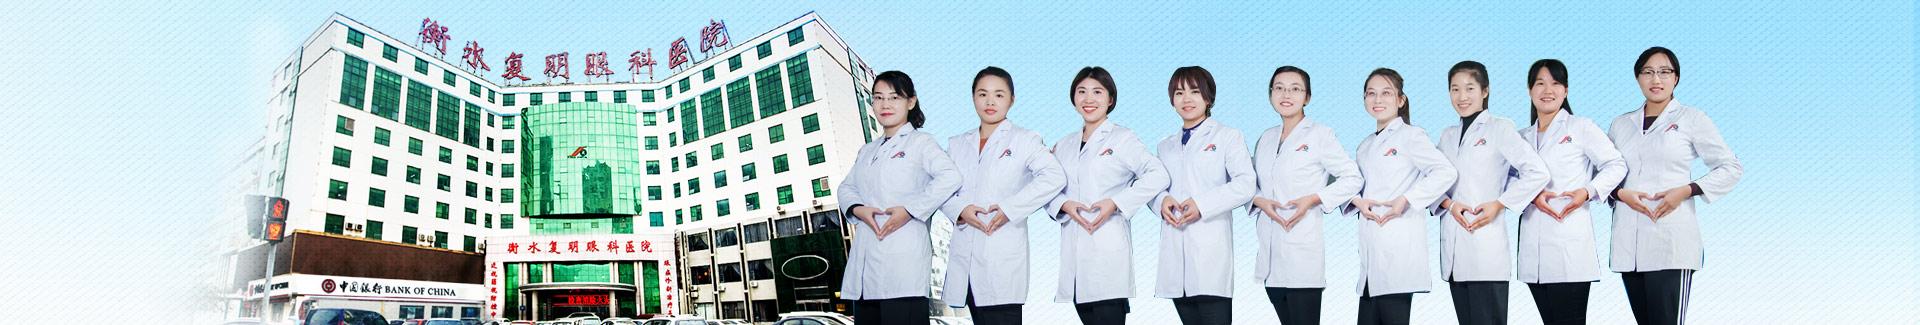 复明医院病友服务